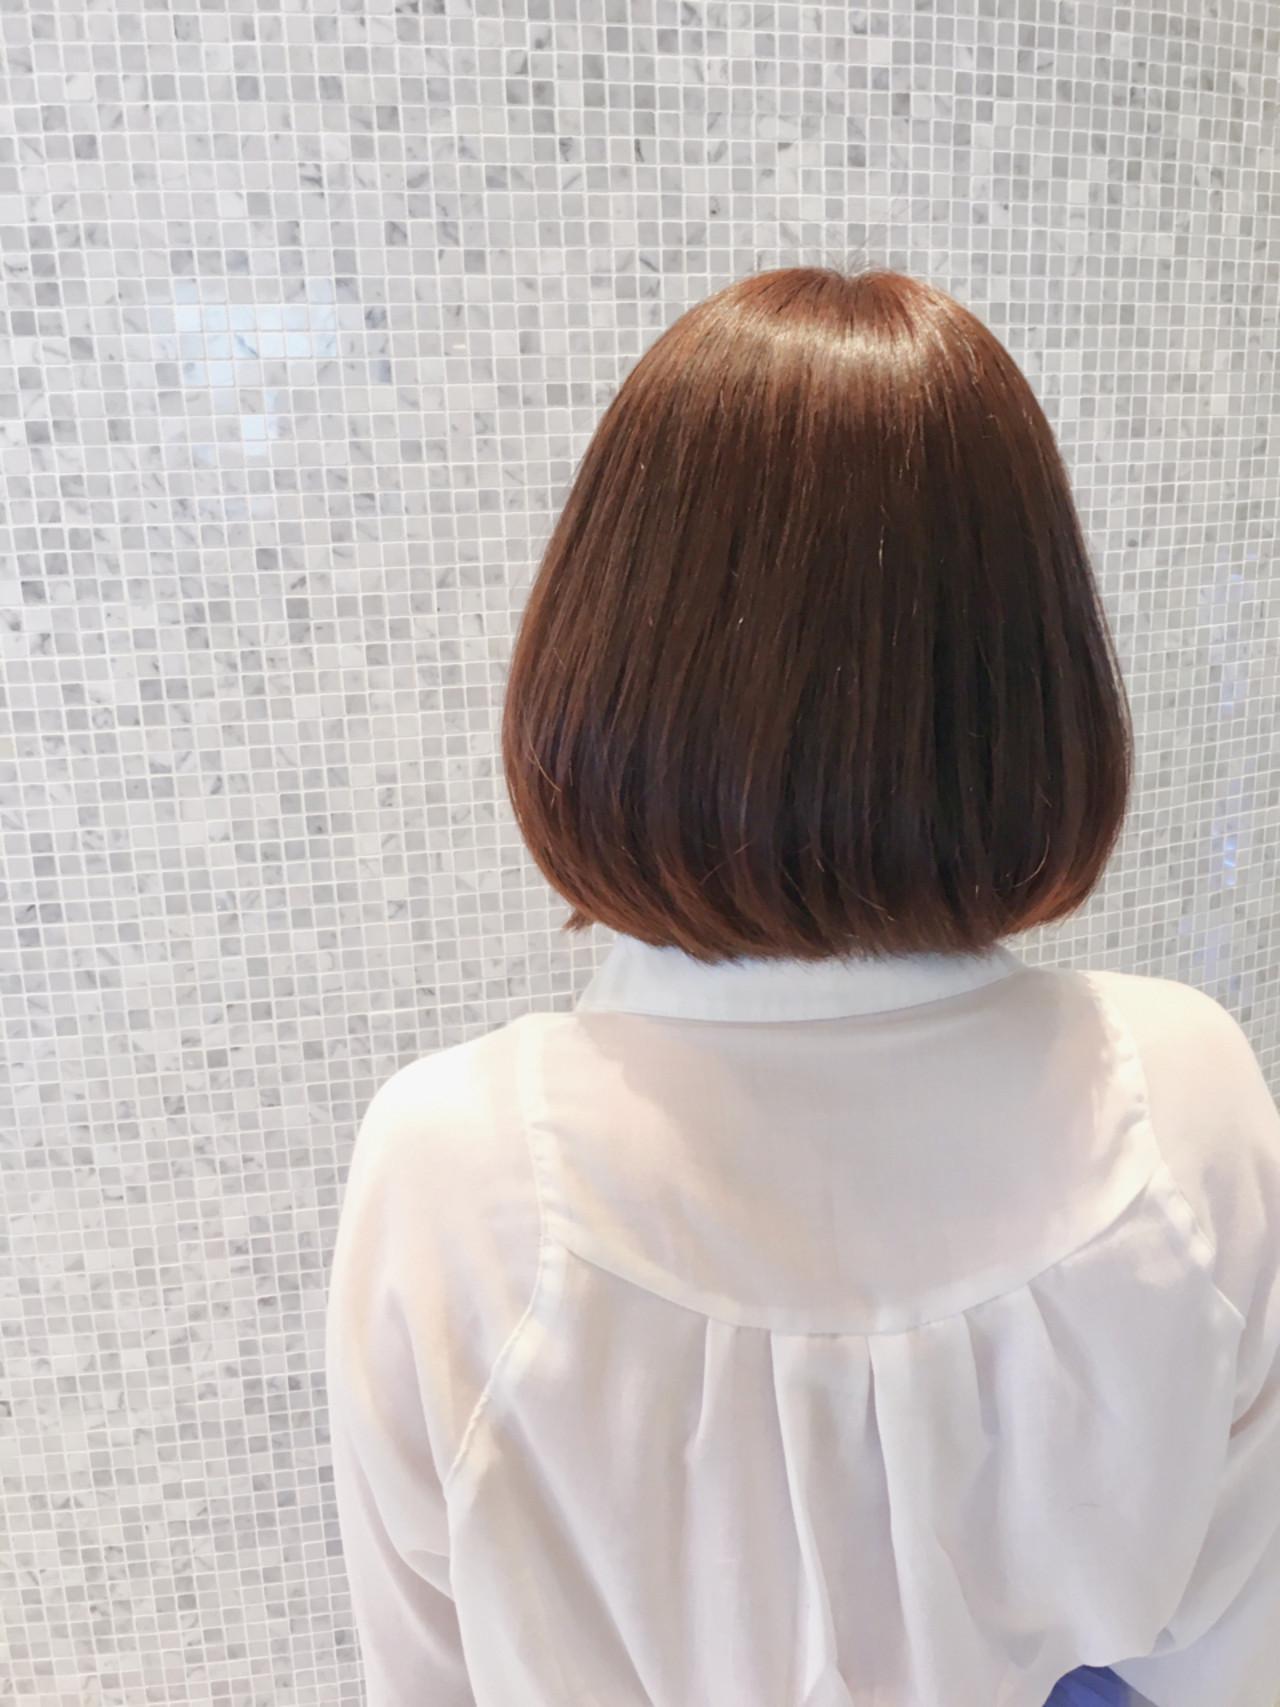 ナチュラル ワンカール 簡単 ボブ ヘアスタイルや髪型の写真・画像